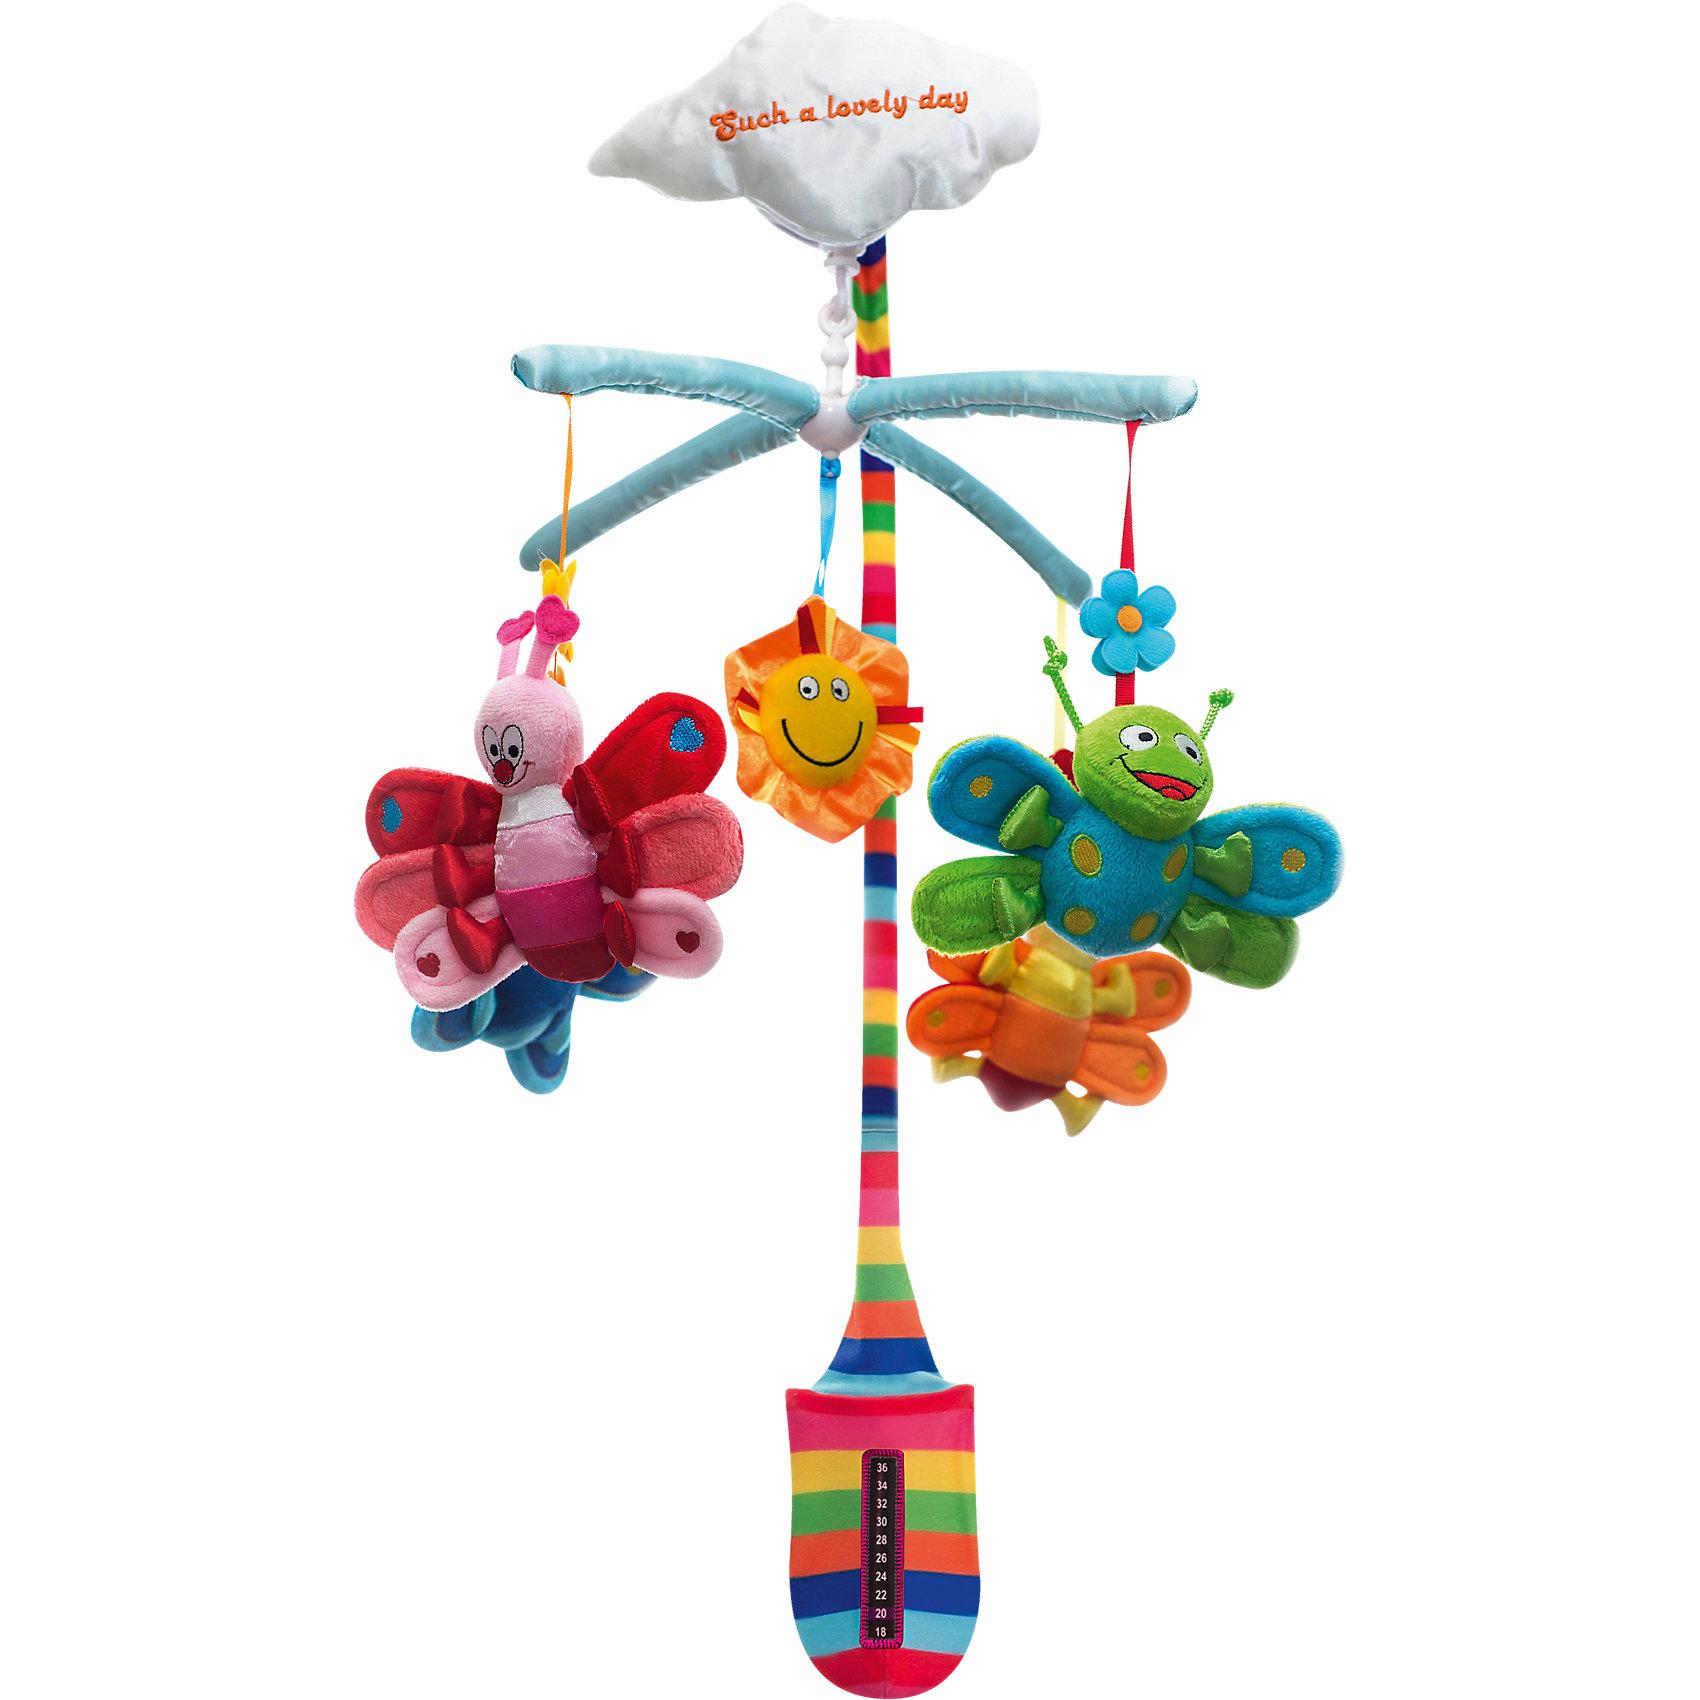 Мобиль Бабочки,  WeeWiseРазвивающая игрушка- мобиль  для детской кроватки. Разноцветные фигурки закрепленные на дужках, поскольку они «смотрят» прямо на ребенка то  создают эффект зрительного контакта. Все  элементы имеют приятную на ощупь бархатистую поверхность . При вращении дужек с игрушками воспроизводится спокойная классическая мелодия. <br>Функционирование осуществляется  по принципу заводной  механической игрушки, ключ встроен. Способствует тренировке слухового и зрительного восприятия.<br>Развивает внимание<br>Помогает фокусировки взгляда<br>Стимулирует зрительное восприятие<br>Развивает координацию движений<br>Расслабляет и успокаивает.<br><br>Ширина мм: 565<br>Глубина мм: 365<br>Высота мм: 345<br>Вес г: 763<br>Возраст от месяцев: 0<br>Возраст до месяцев: 8<br>Пол: Унисекс<br>Возраст: Детский<br>SKU: 4443035